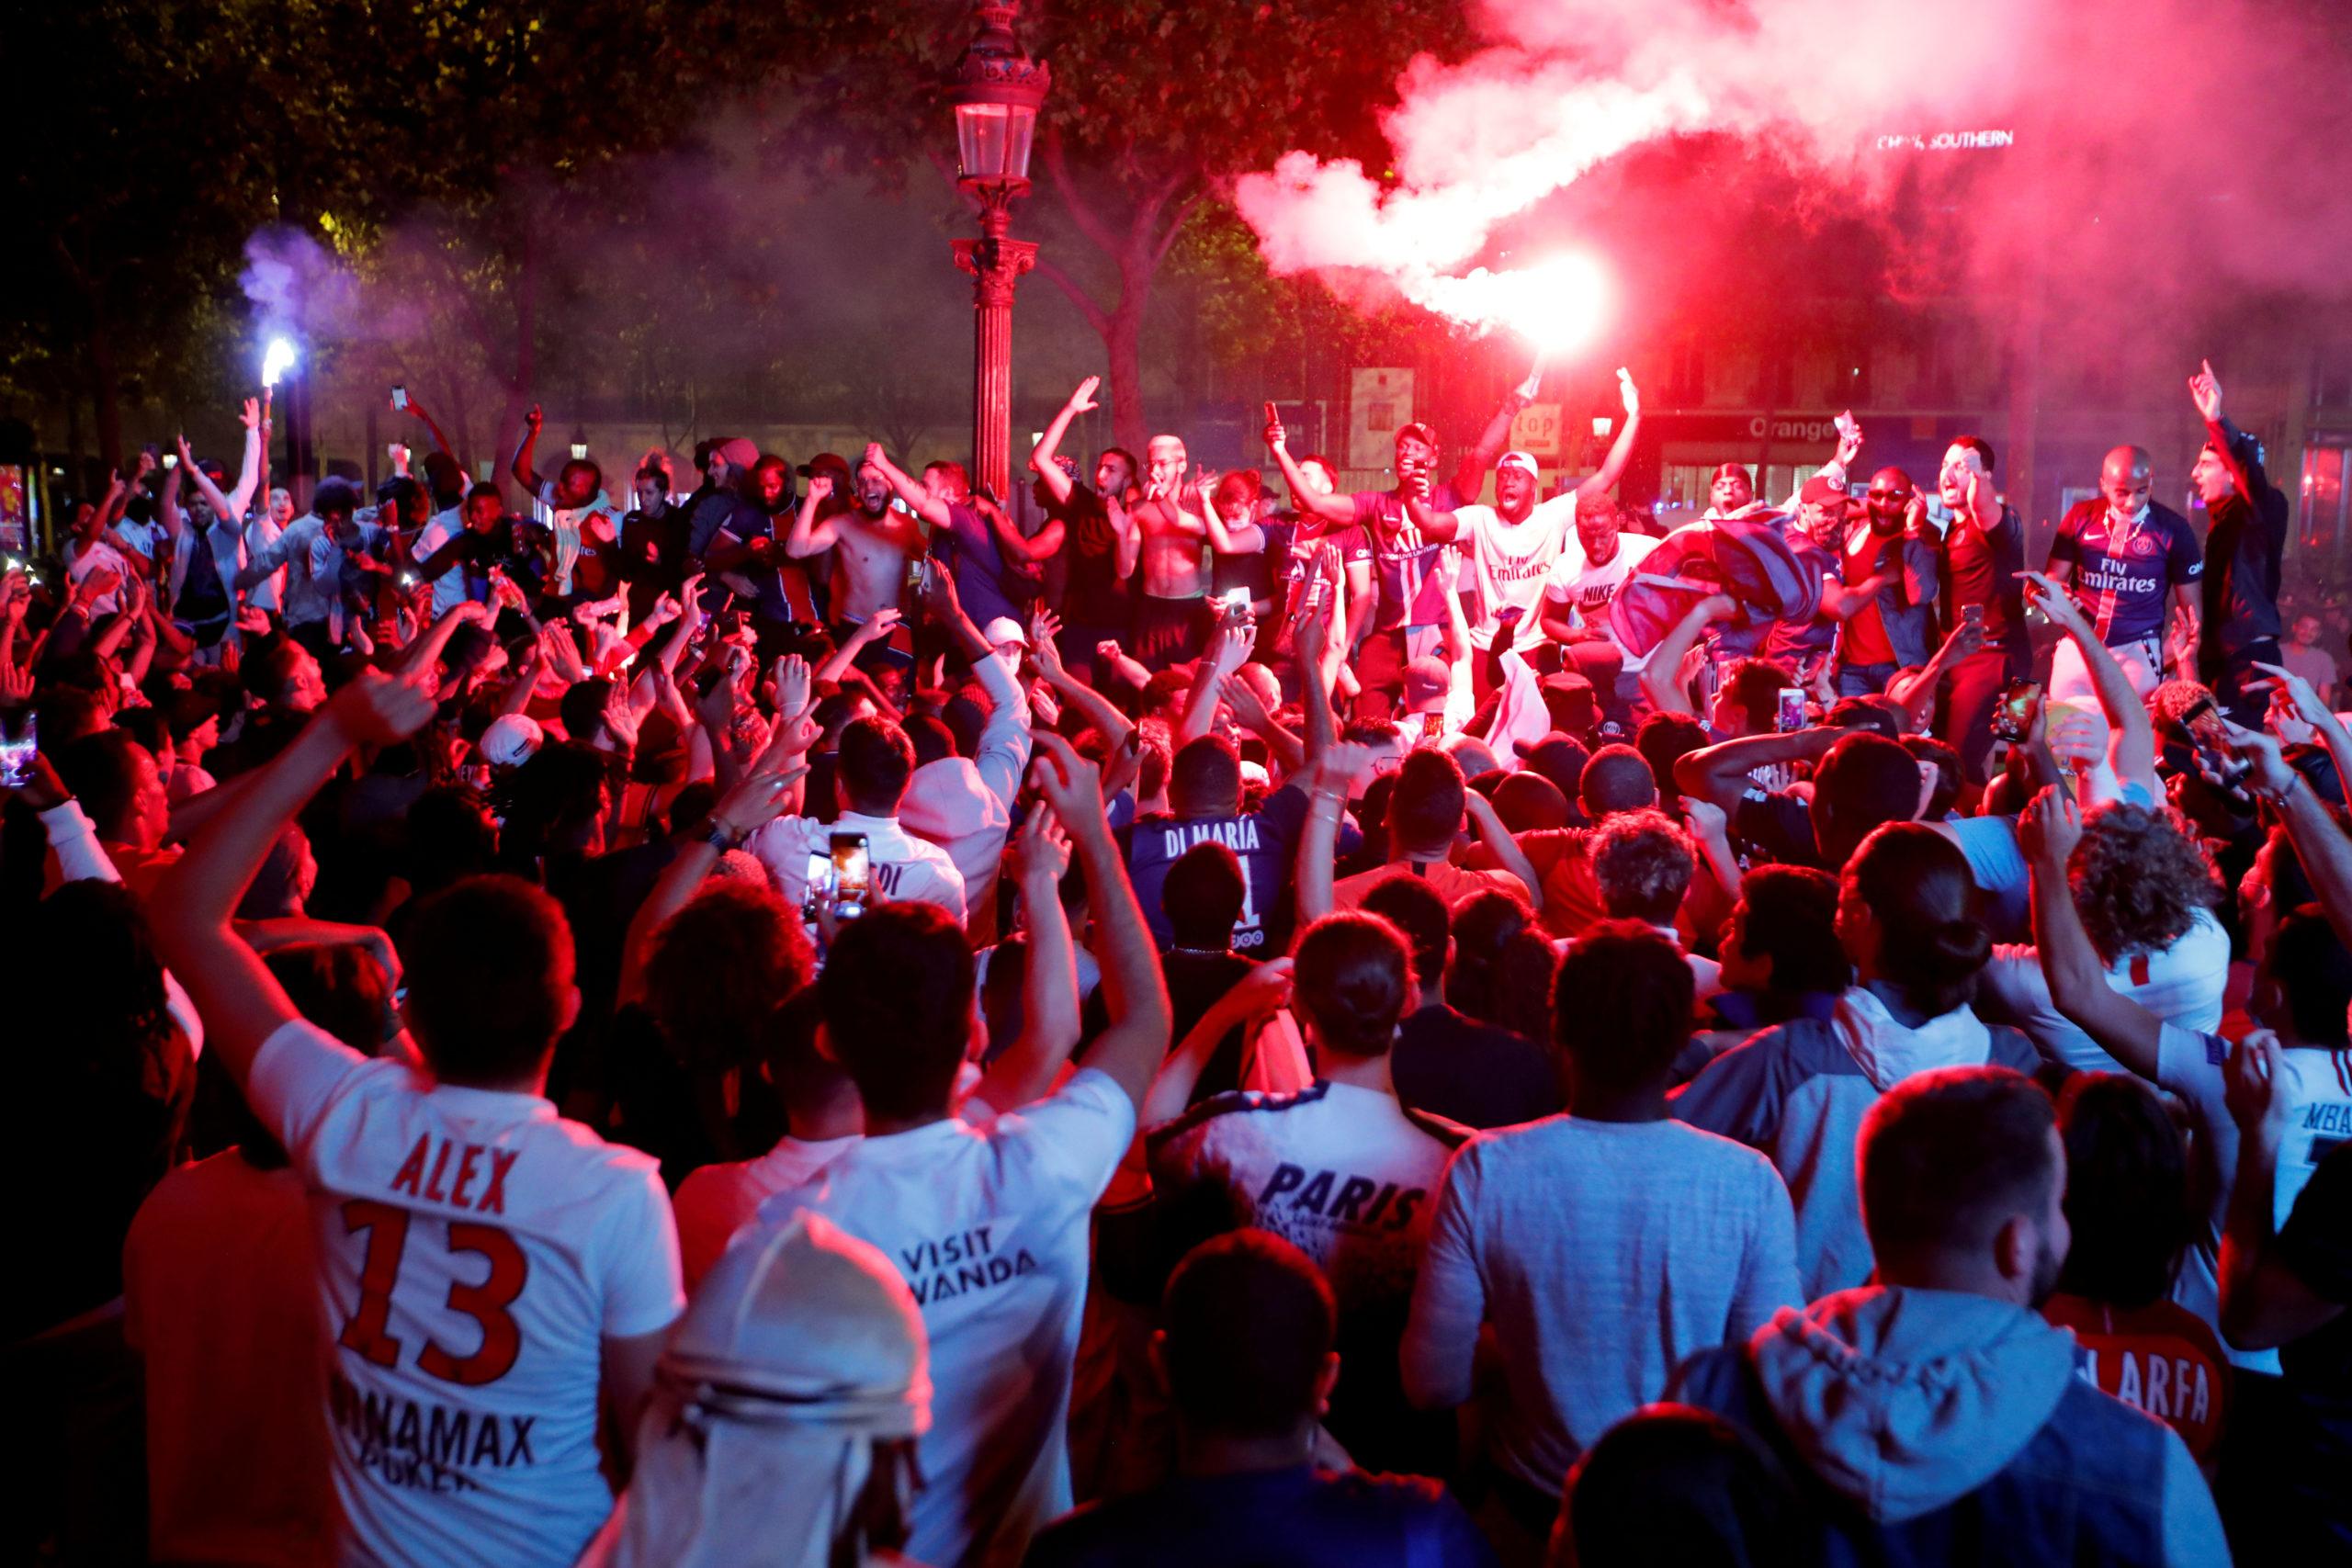 Le Paris Saint-Germain (PSG) qualifié pour la finale de la Ligue des champions de football